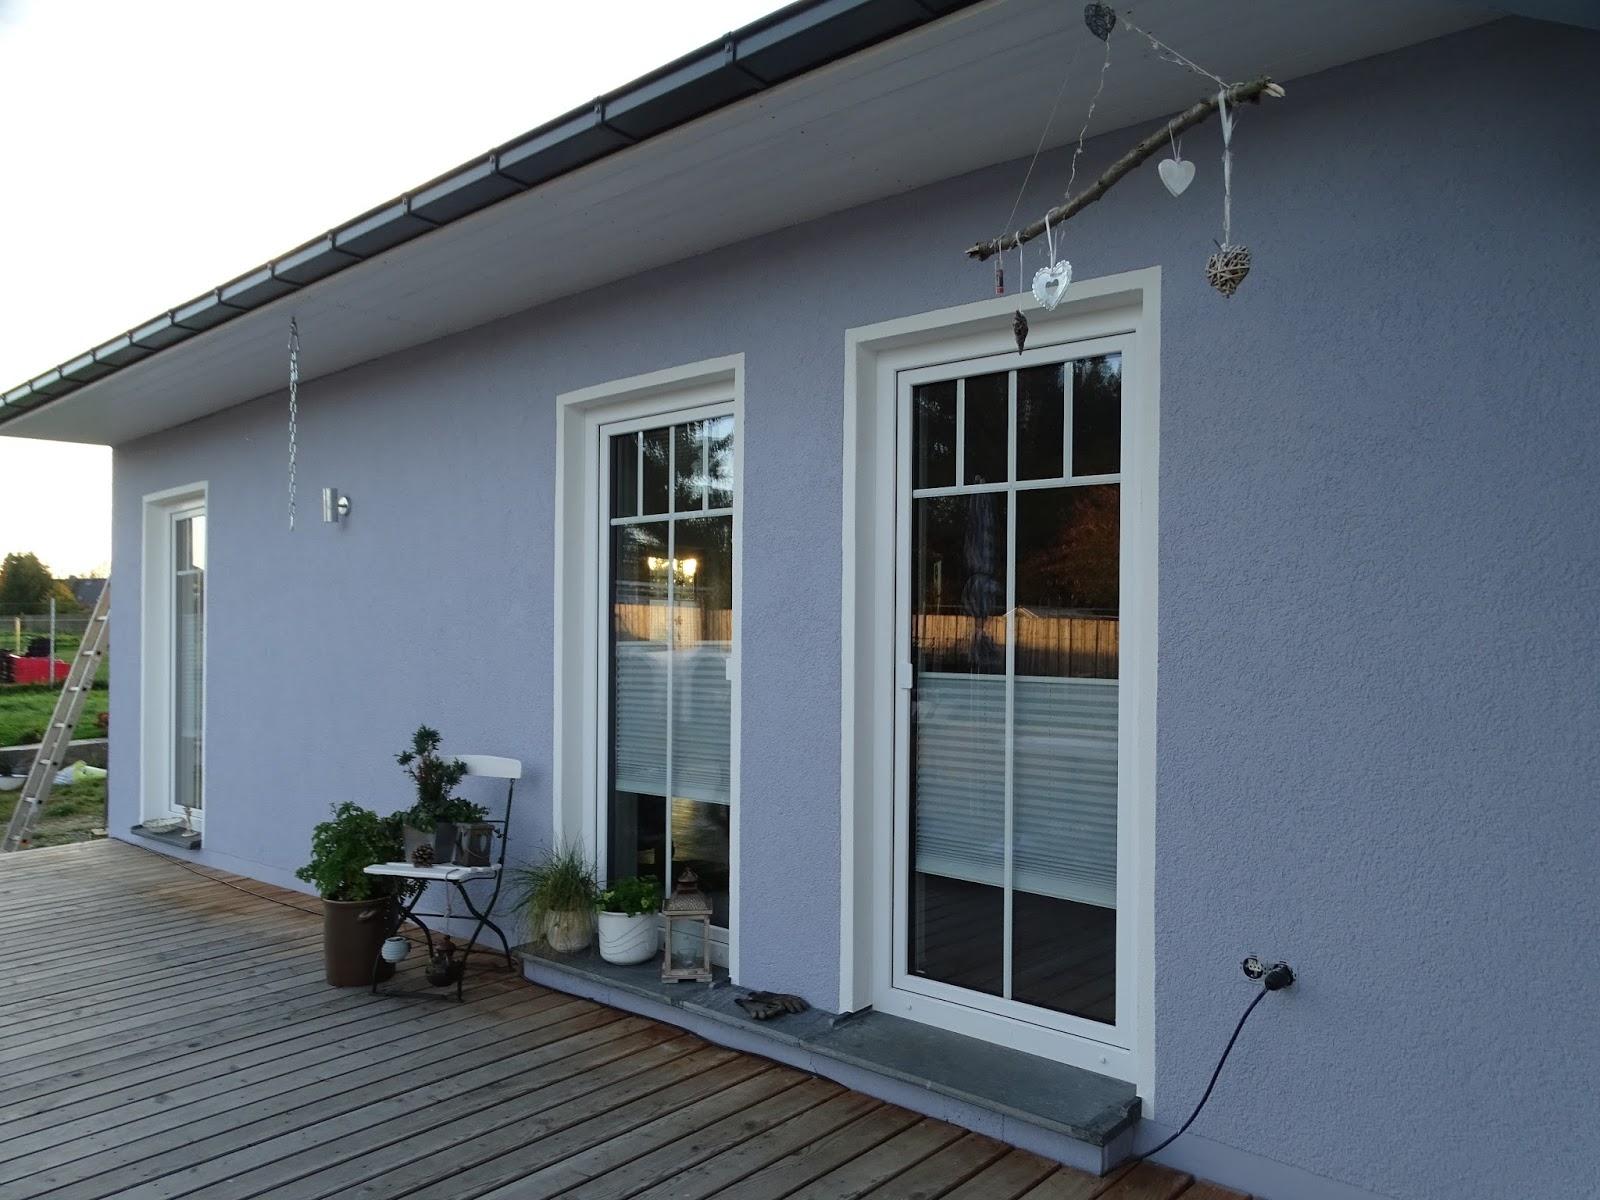 manu s white love unser haus hat farbe bekommen. Black Bedroom Furniture Sets. Home Design Ideas